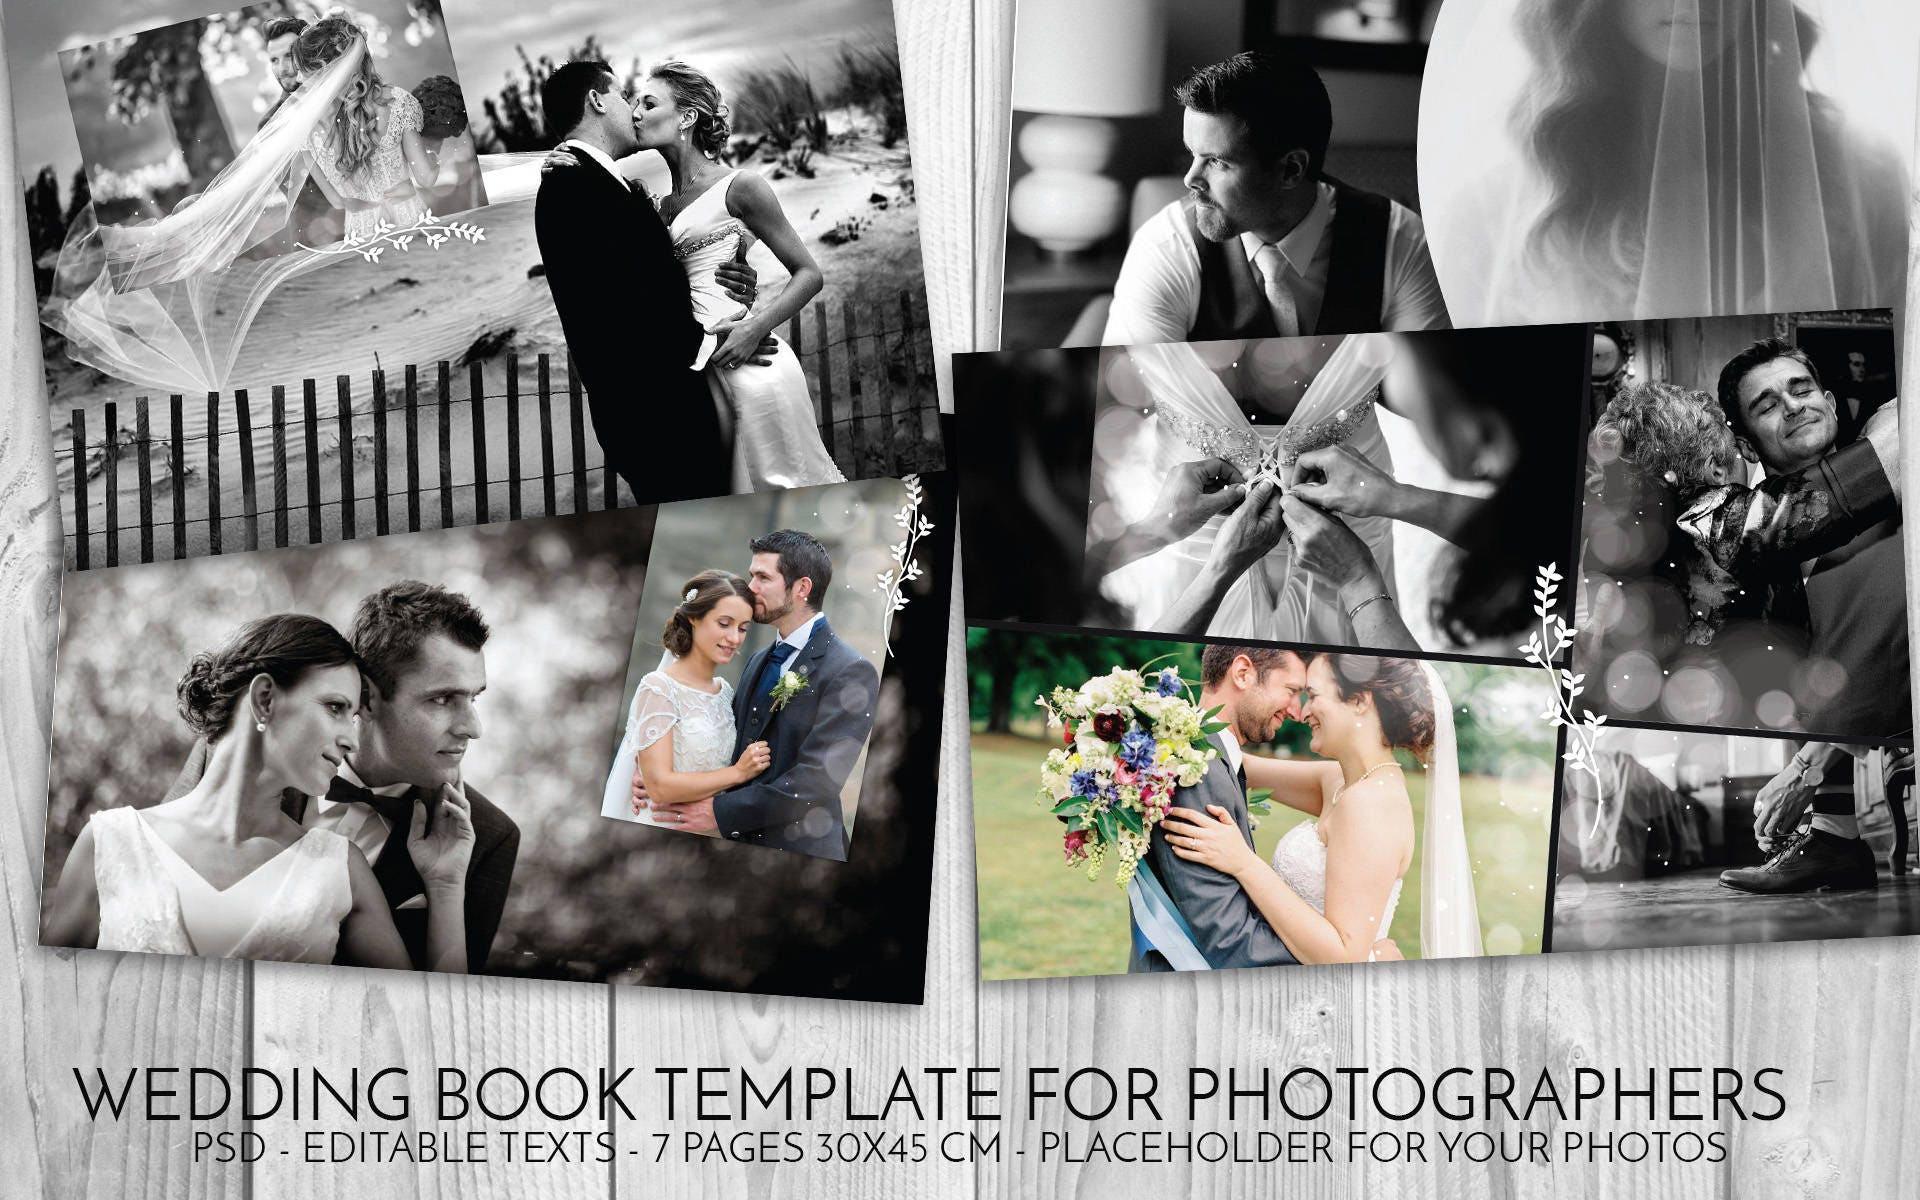 Hochzeit Vorlage Psd Hochzeit Buch Photoshop Vorlage für